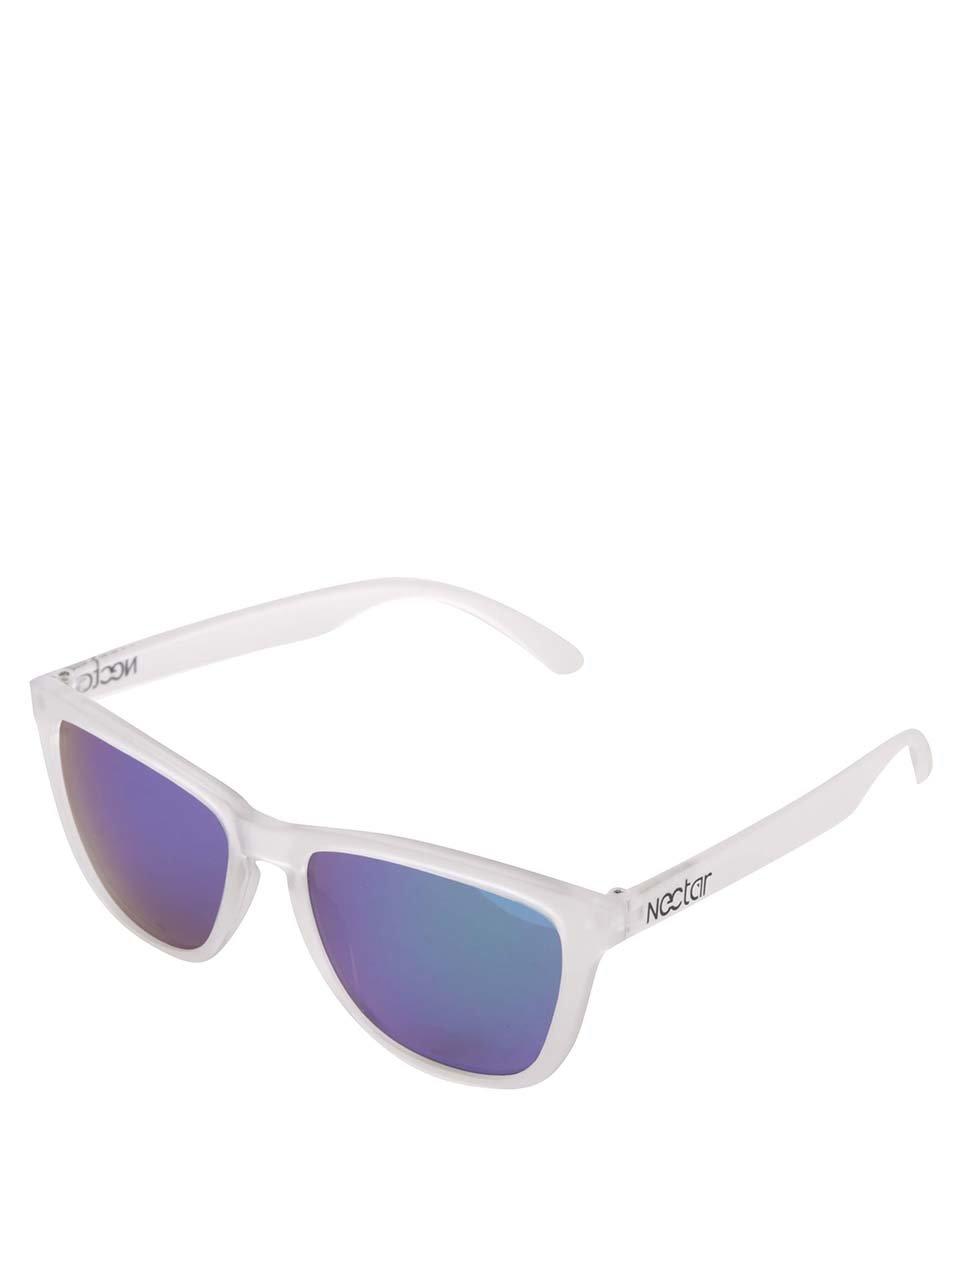 Transparentní dámské sluneční brýle Nectar Wayfarer